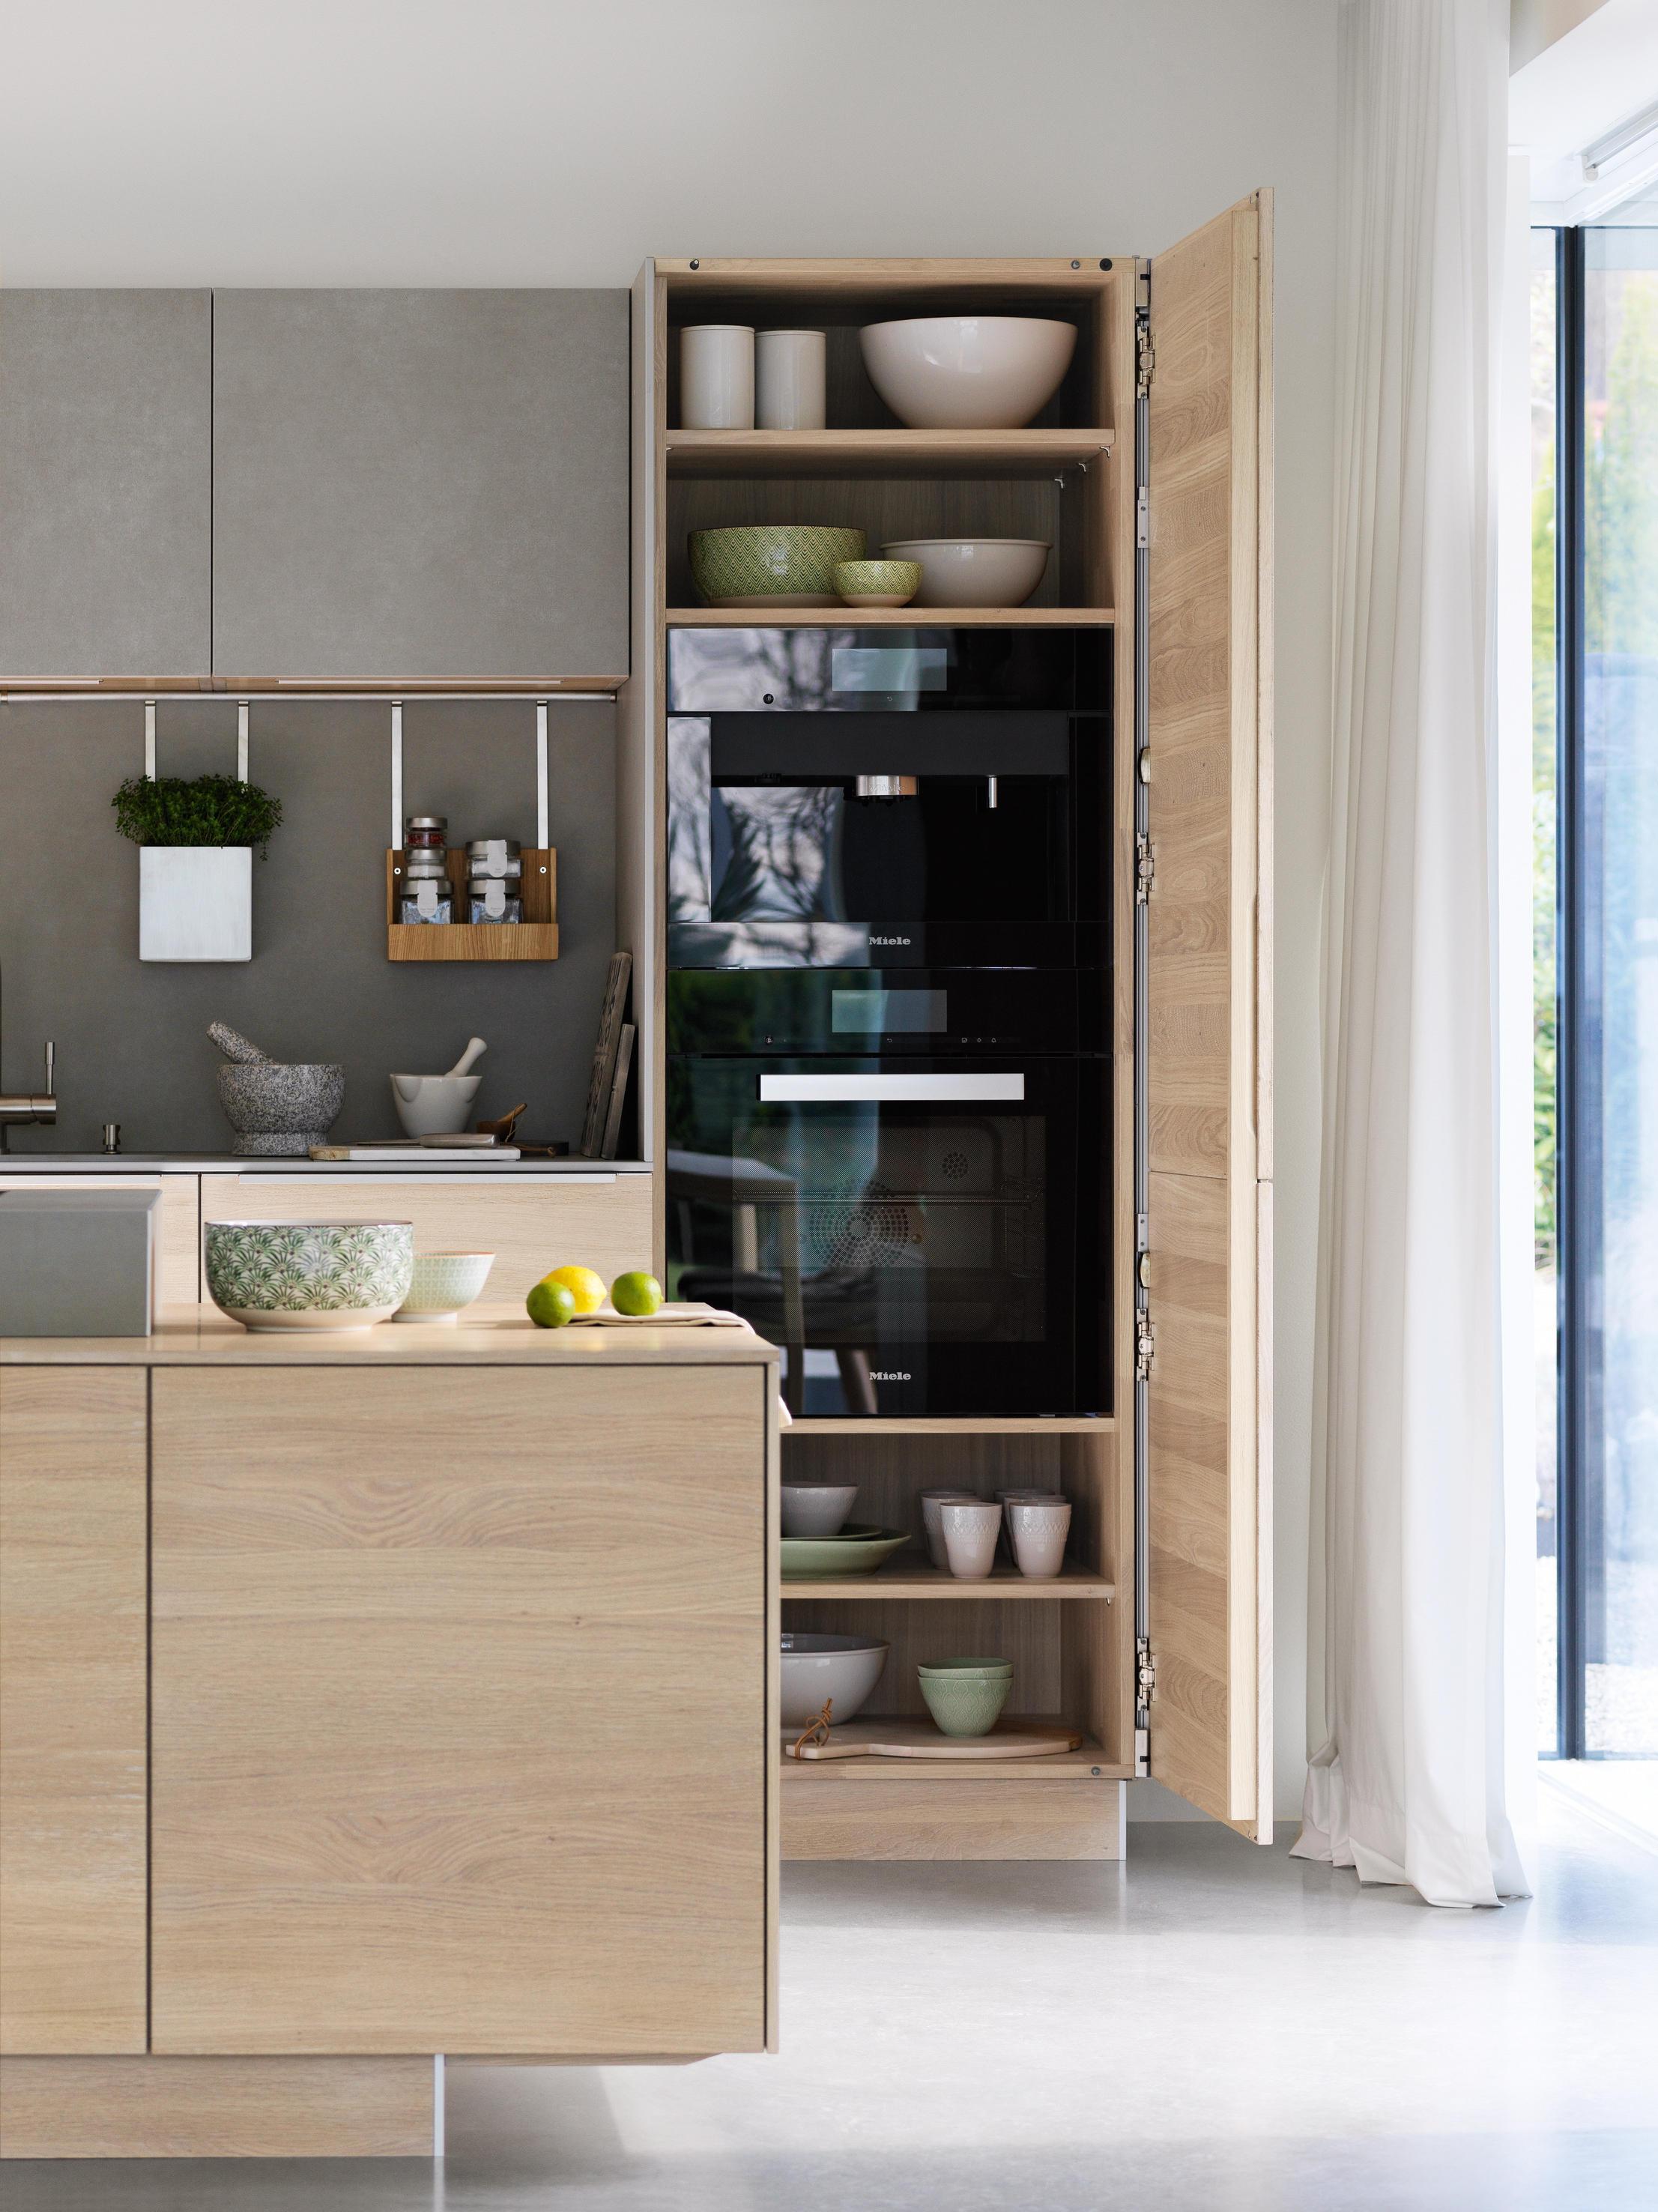 stunning team 7 k252che gebraucht images house design